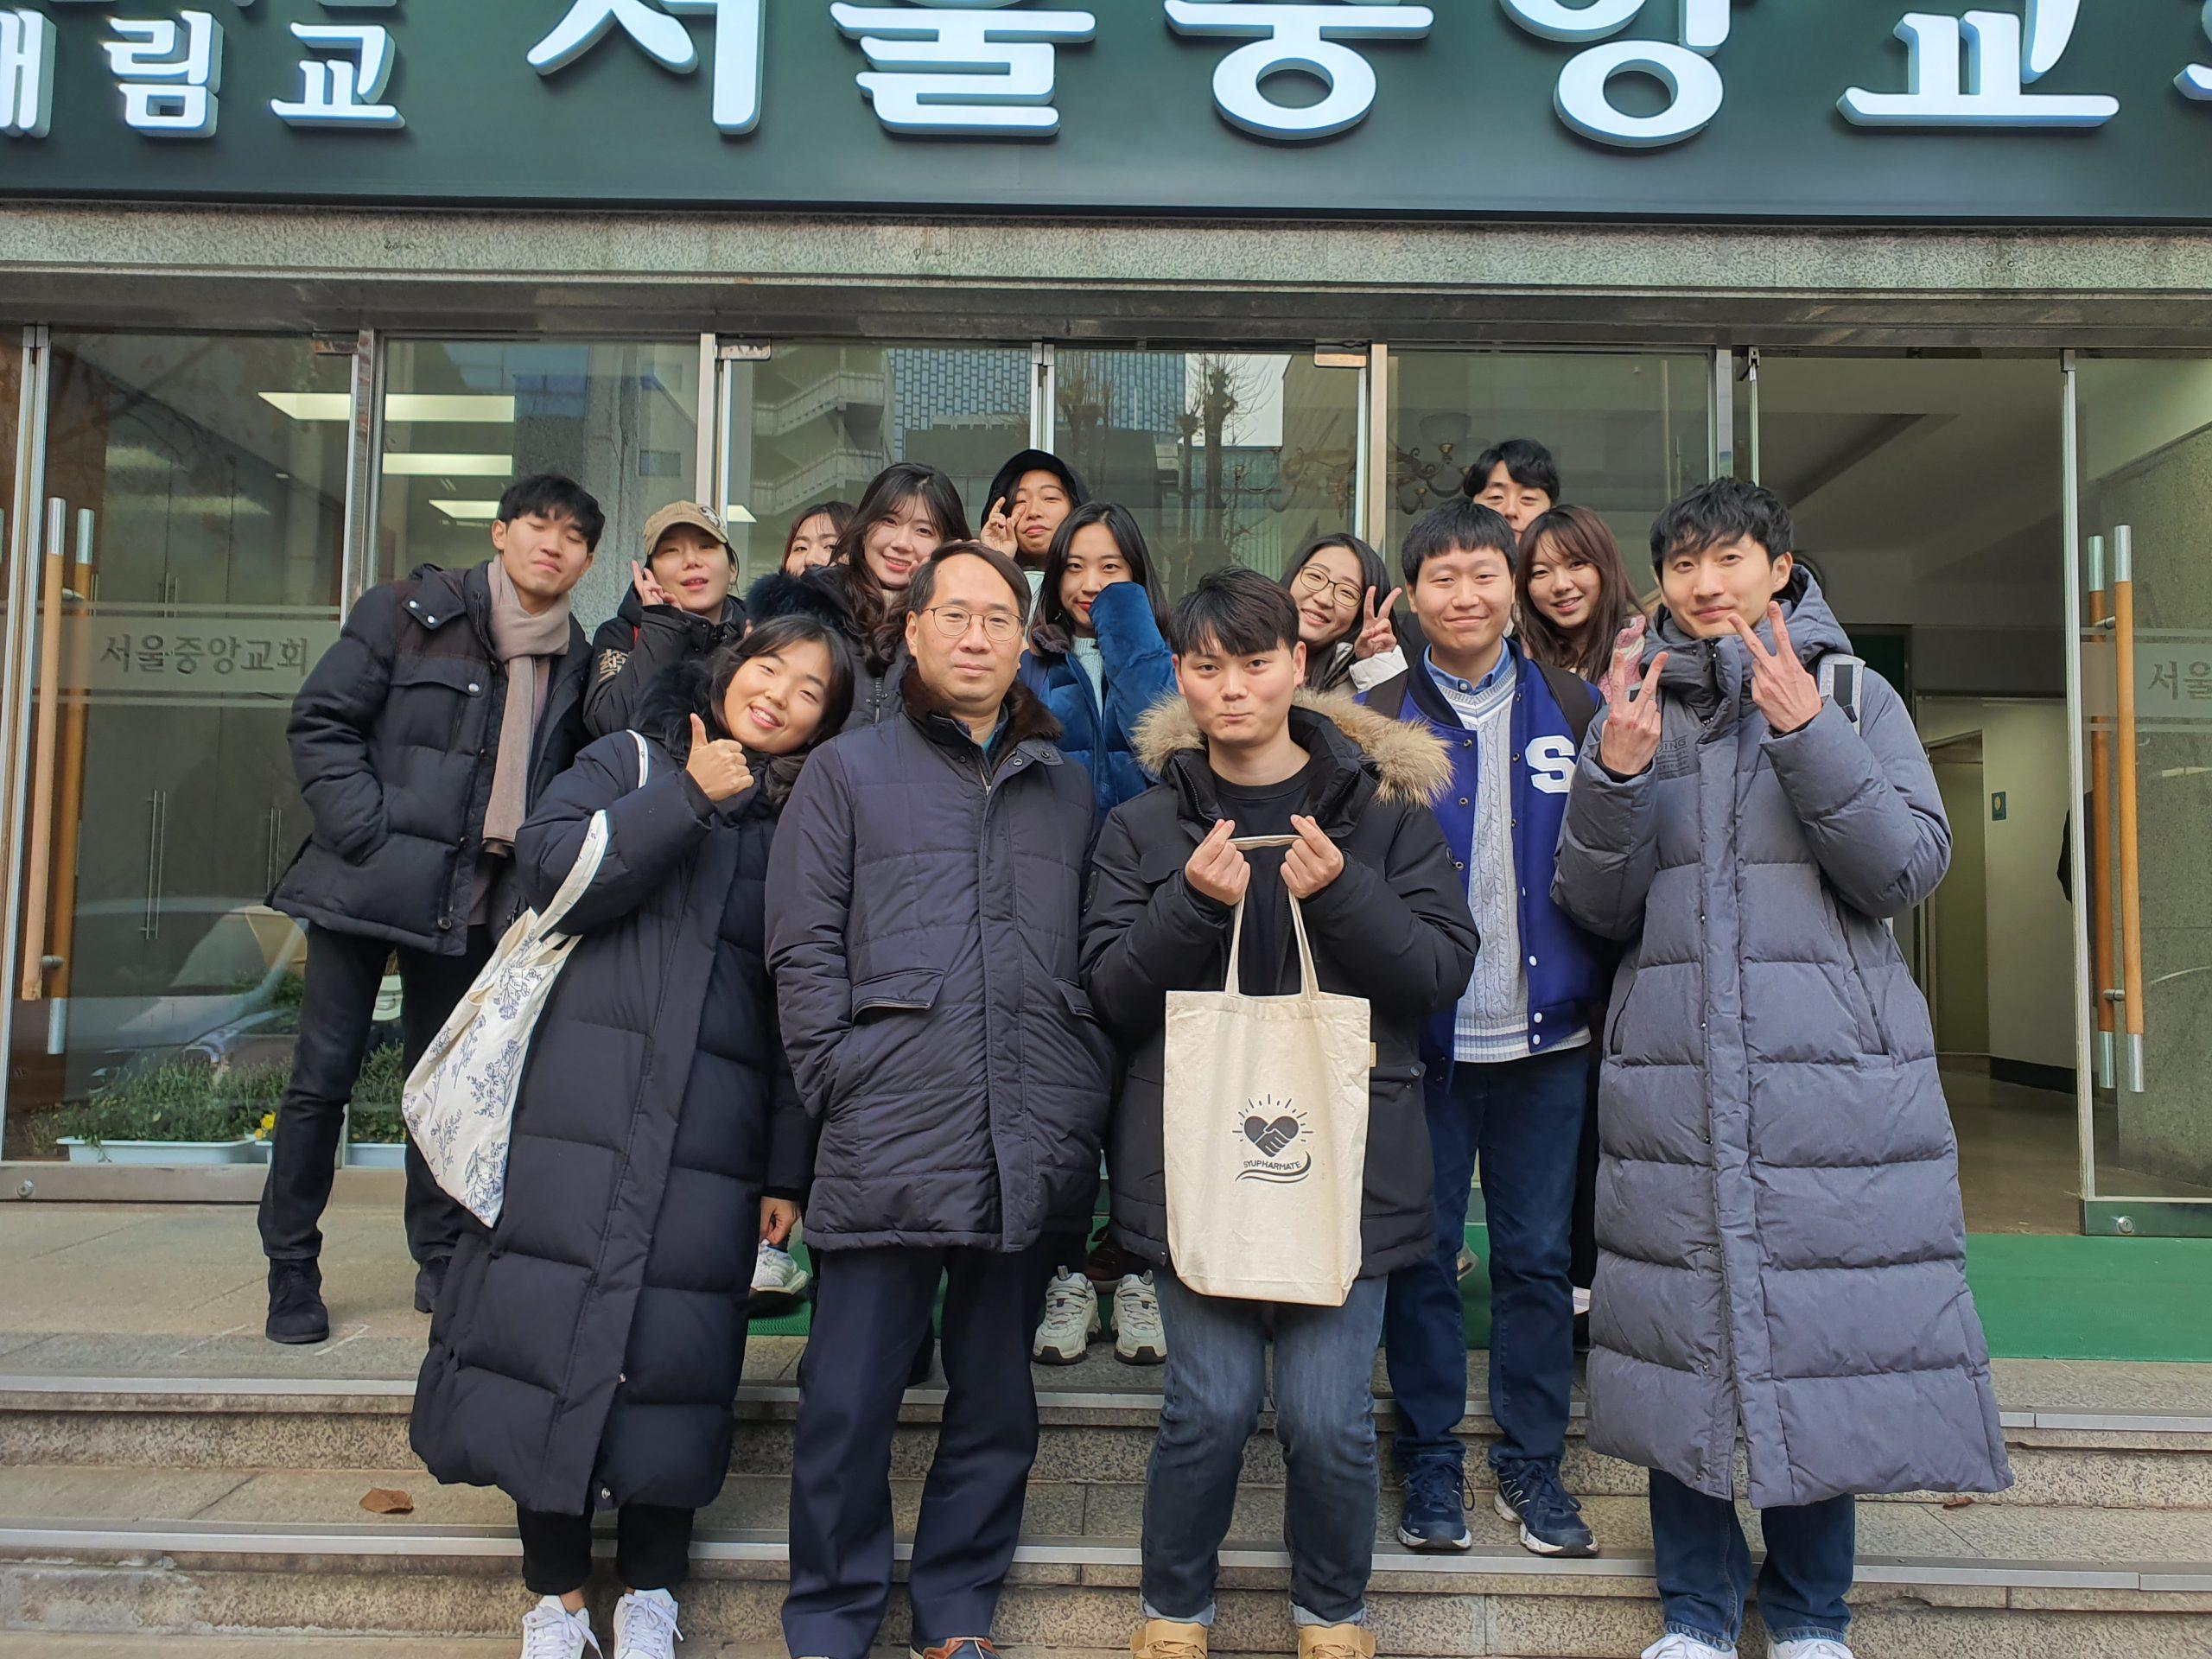 2019-2 전공연계봉사클럽 [팜케어] 활동사진